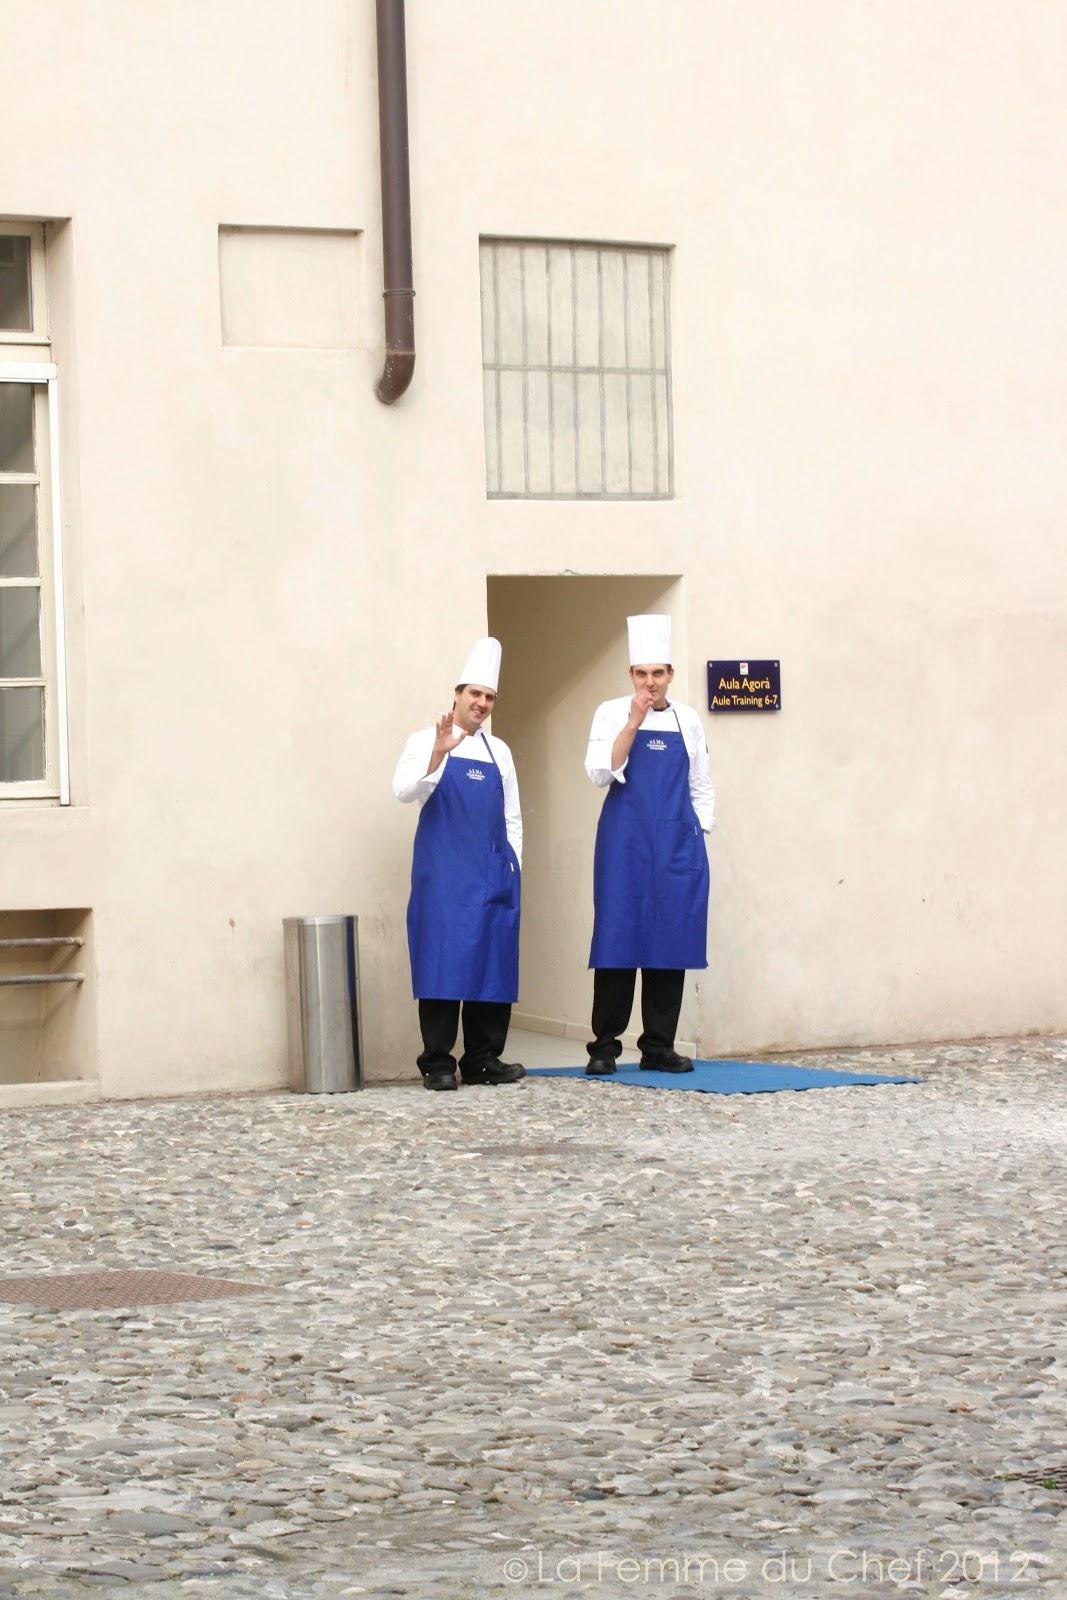 La femme du chef parma un po 39 francese molto gourmande for Sito cucina italiana